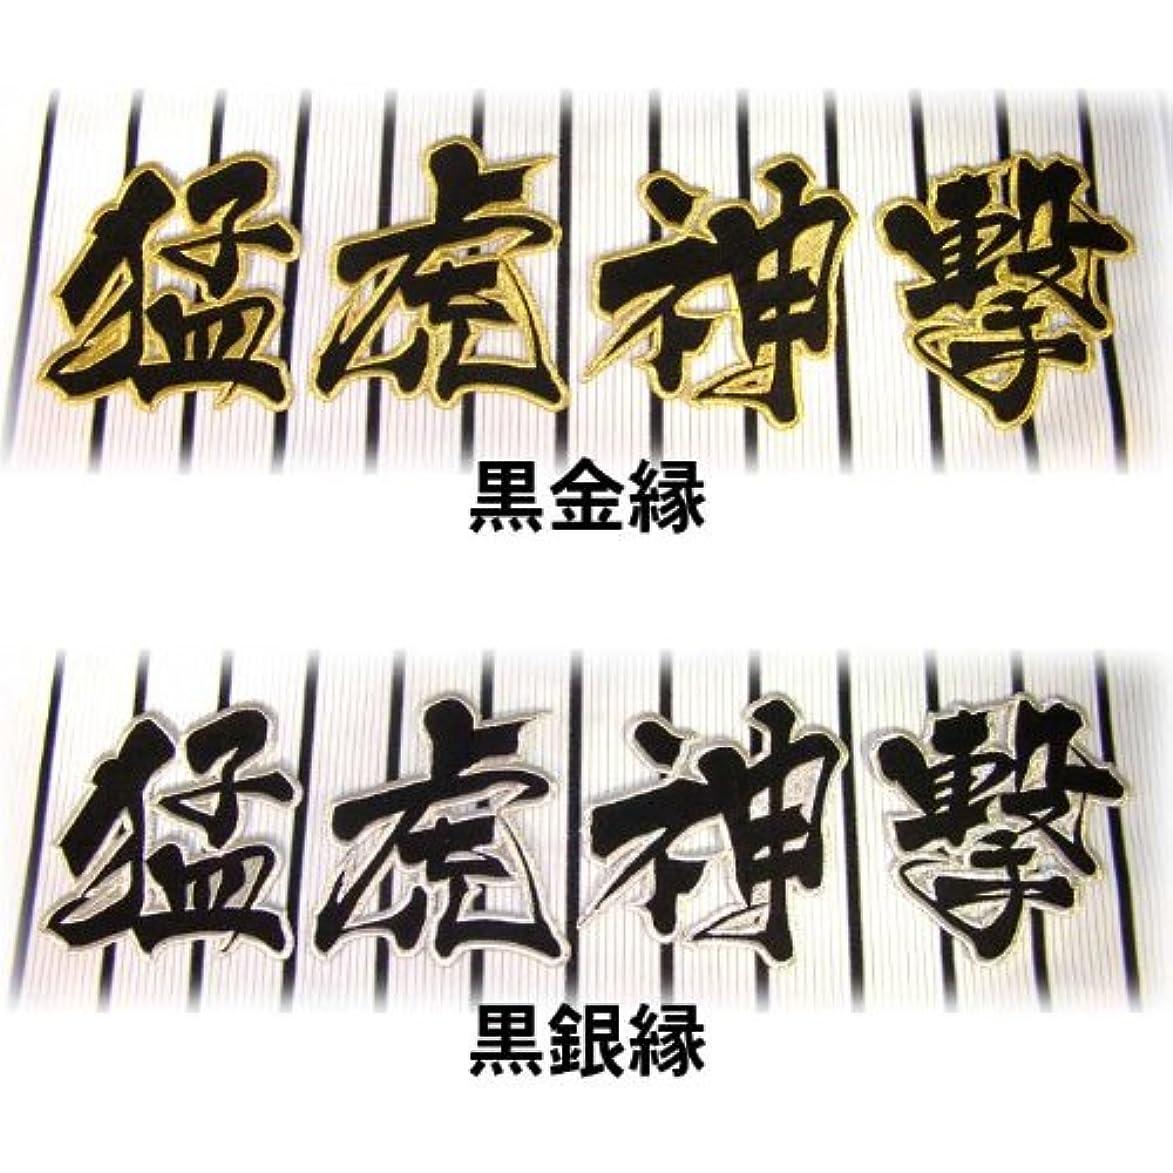 ドリルクスコプロジェクター【プロ野球 阪神タイガースグッズ】猛虎神撃ワッペン(小)moカラー:赤金縁